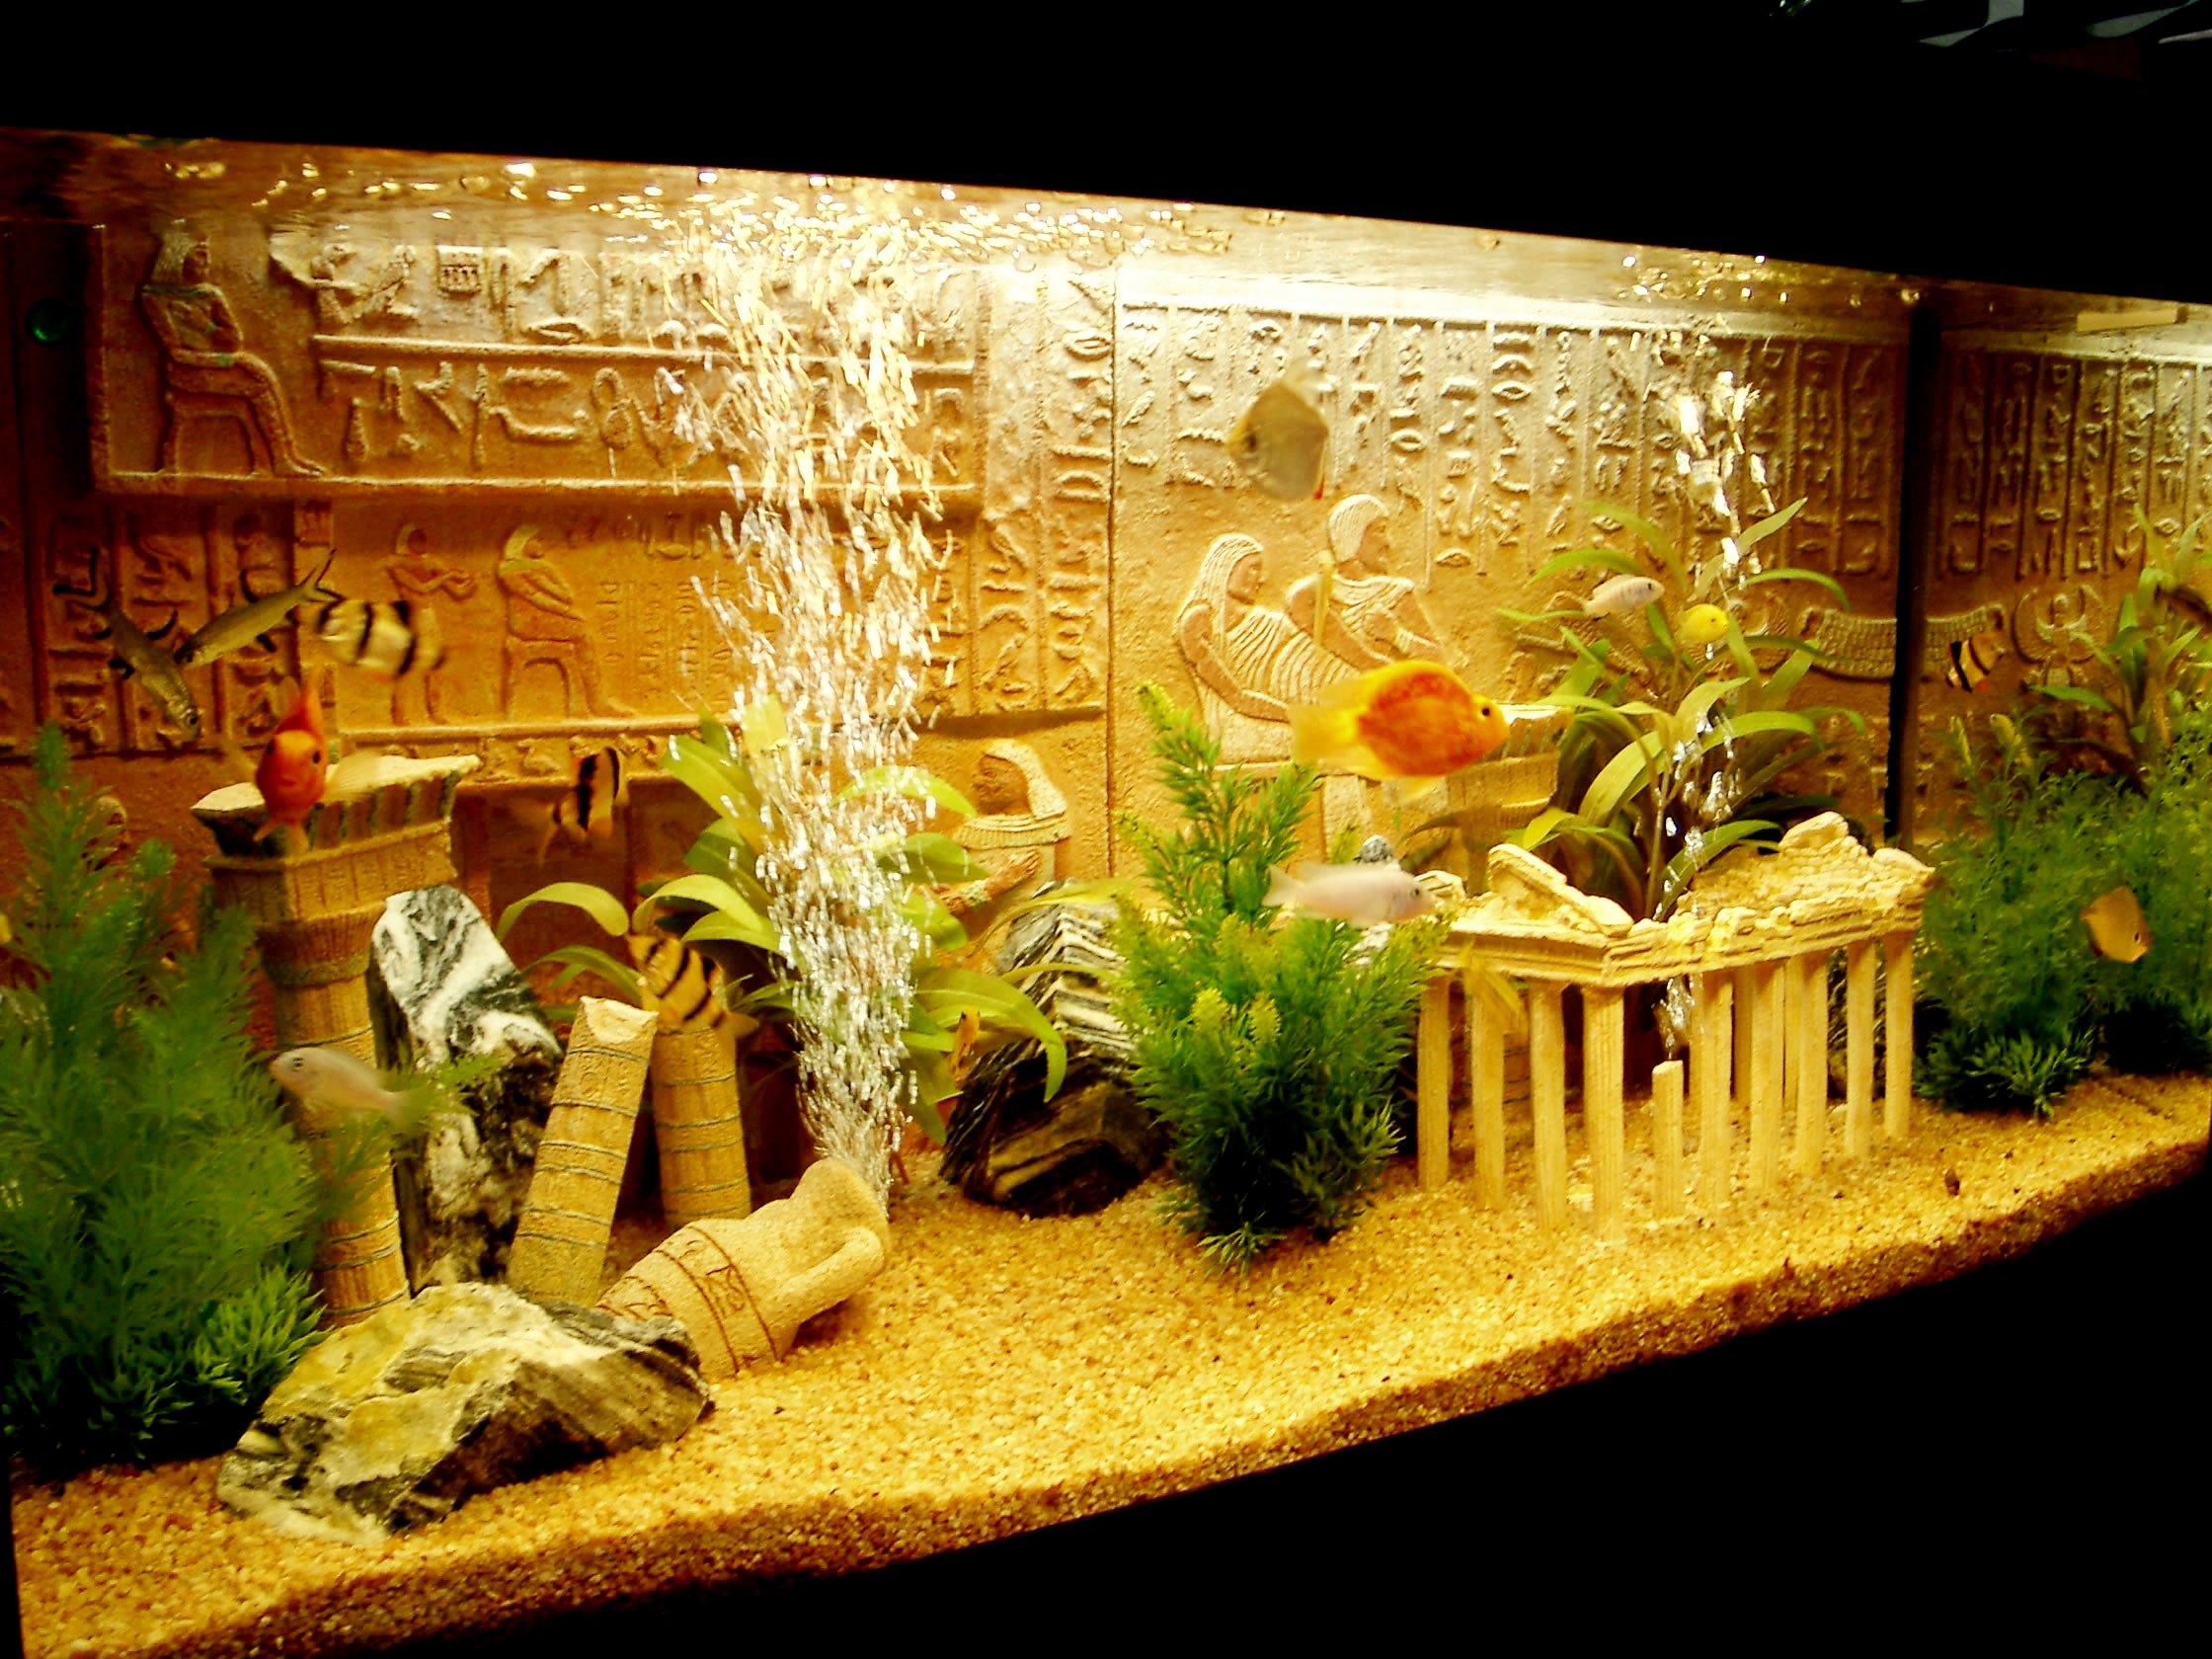 Украшение для аквариума своими руками